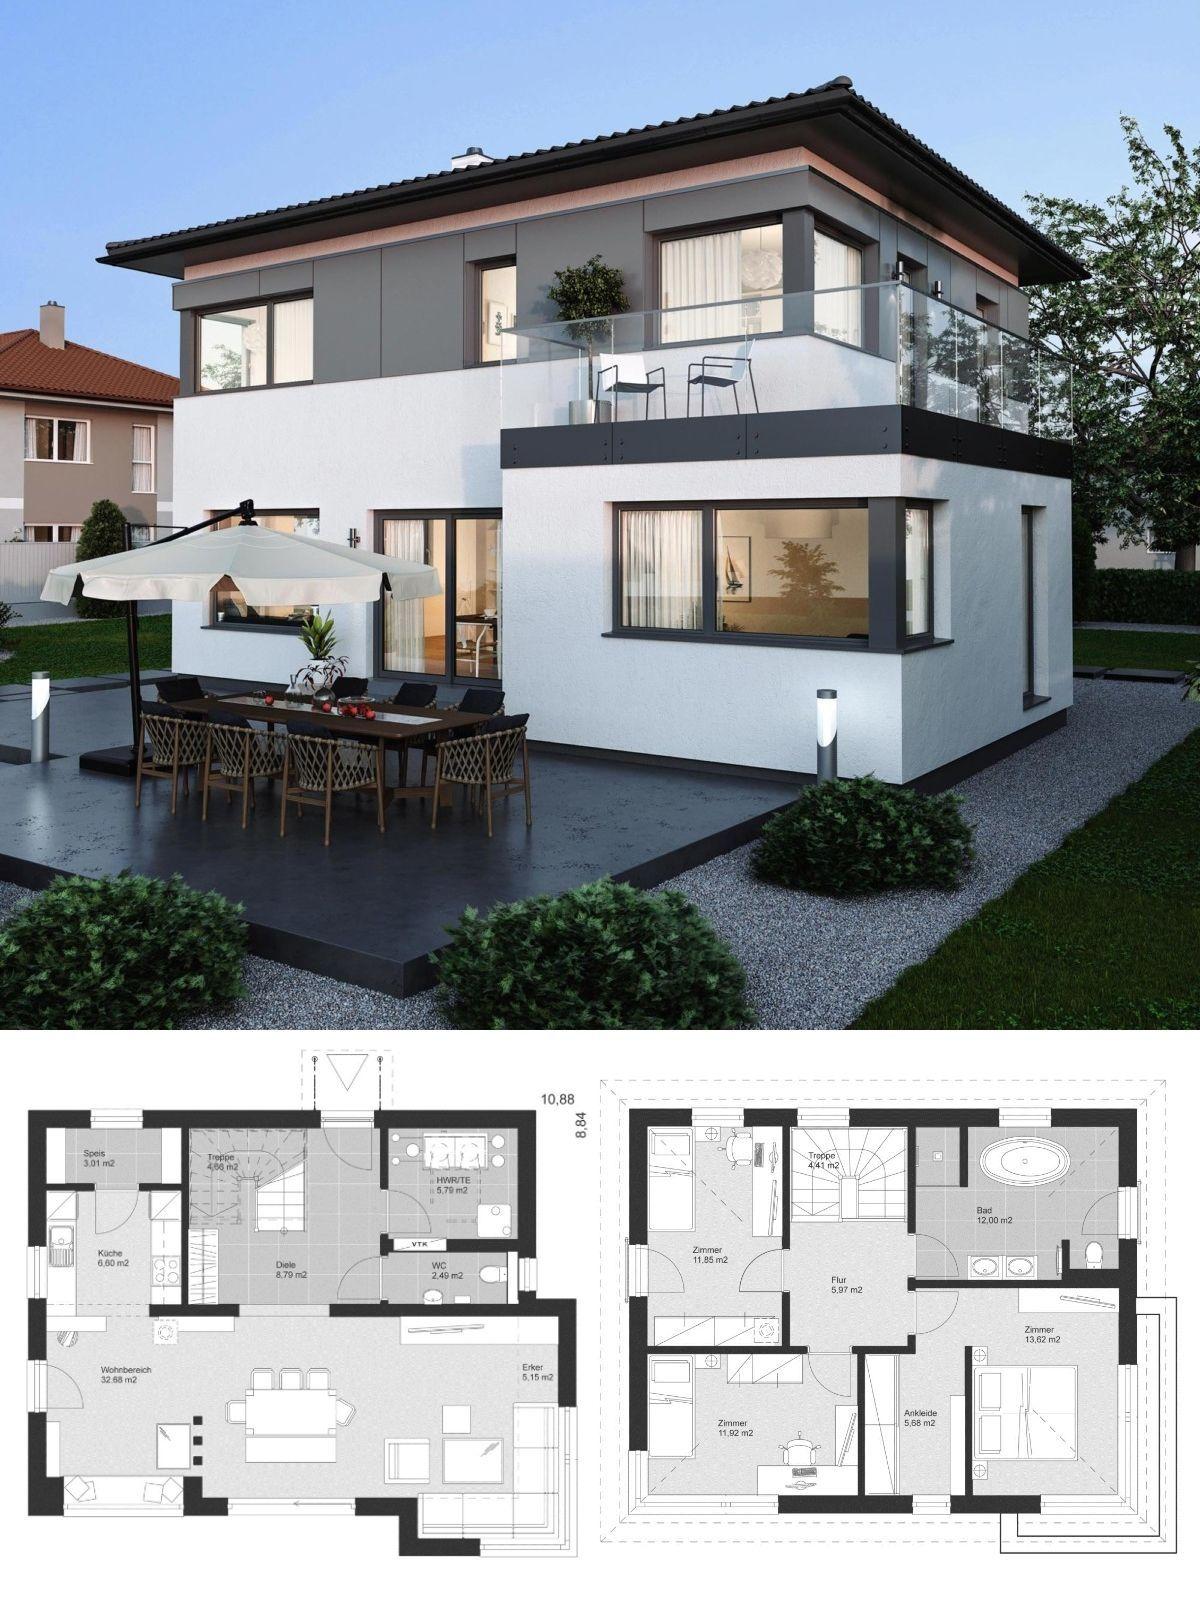 Stadtvilla modern im landhaus design mit walmdach for Einfamilienhaus bauen ideen